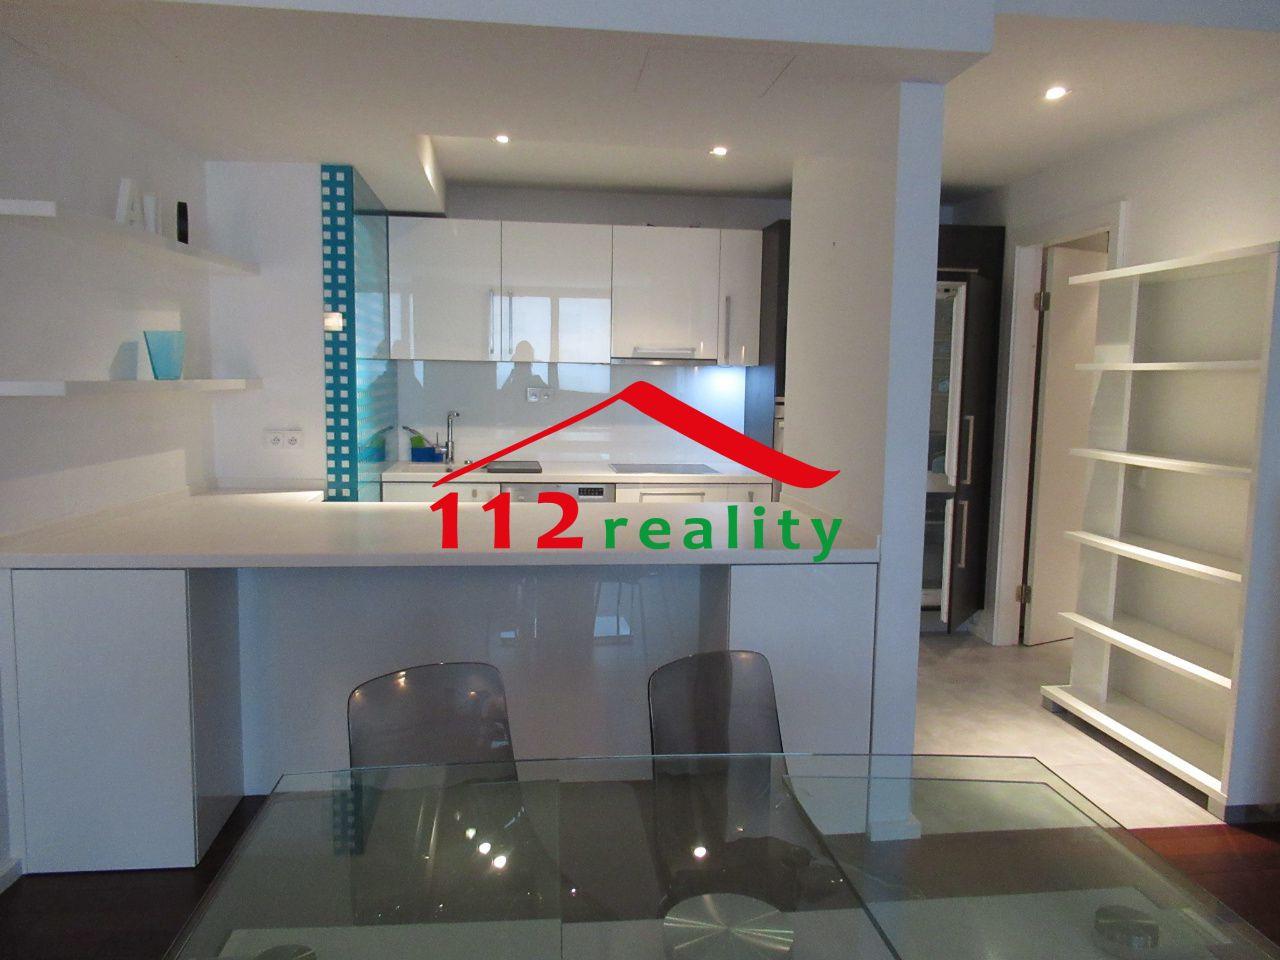 112reality - Na prenájom EUROVEA eade9b4f468